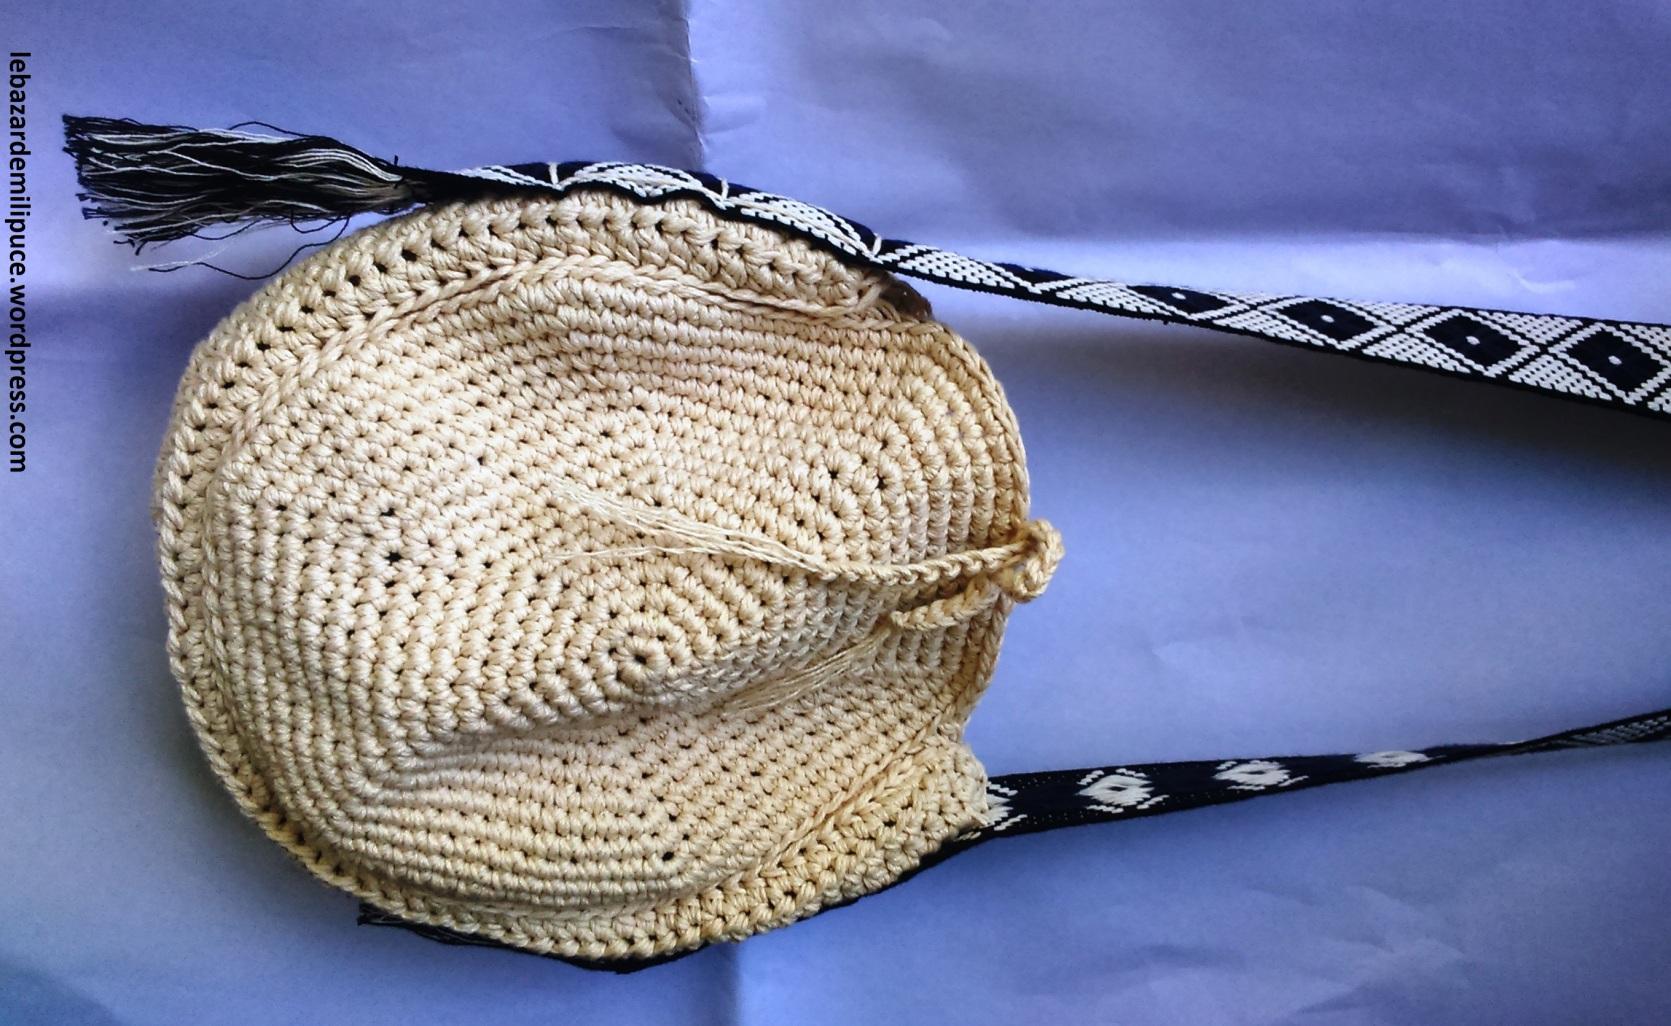 sac crochet attandant les vacances le bazar de milipuce.jpg